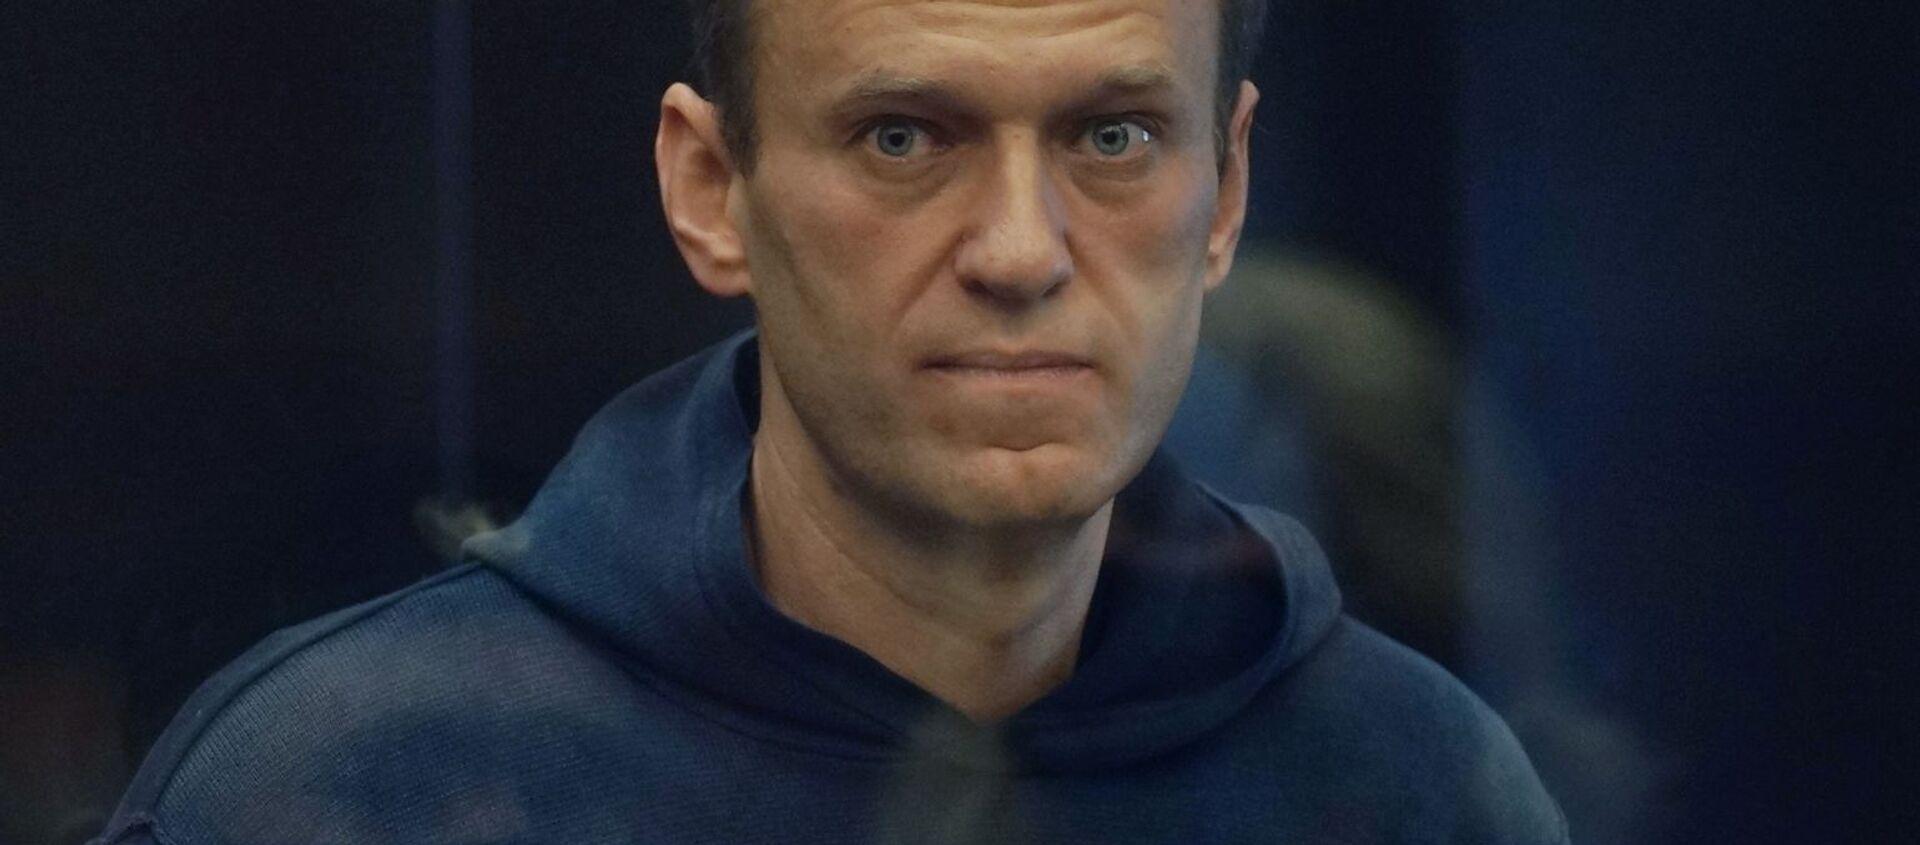 Alexey Navalny. - Sputnik Việt Nam, 1920, 02.03.2021